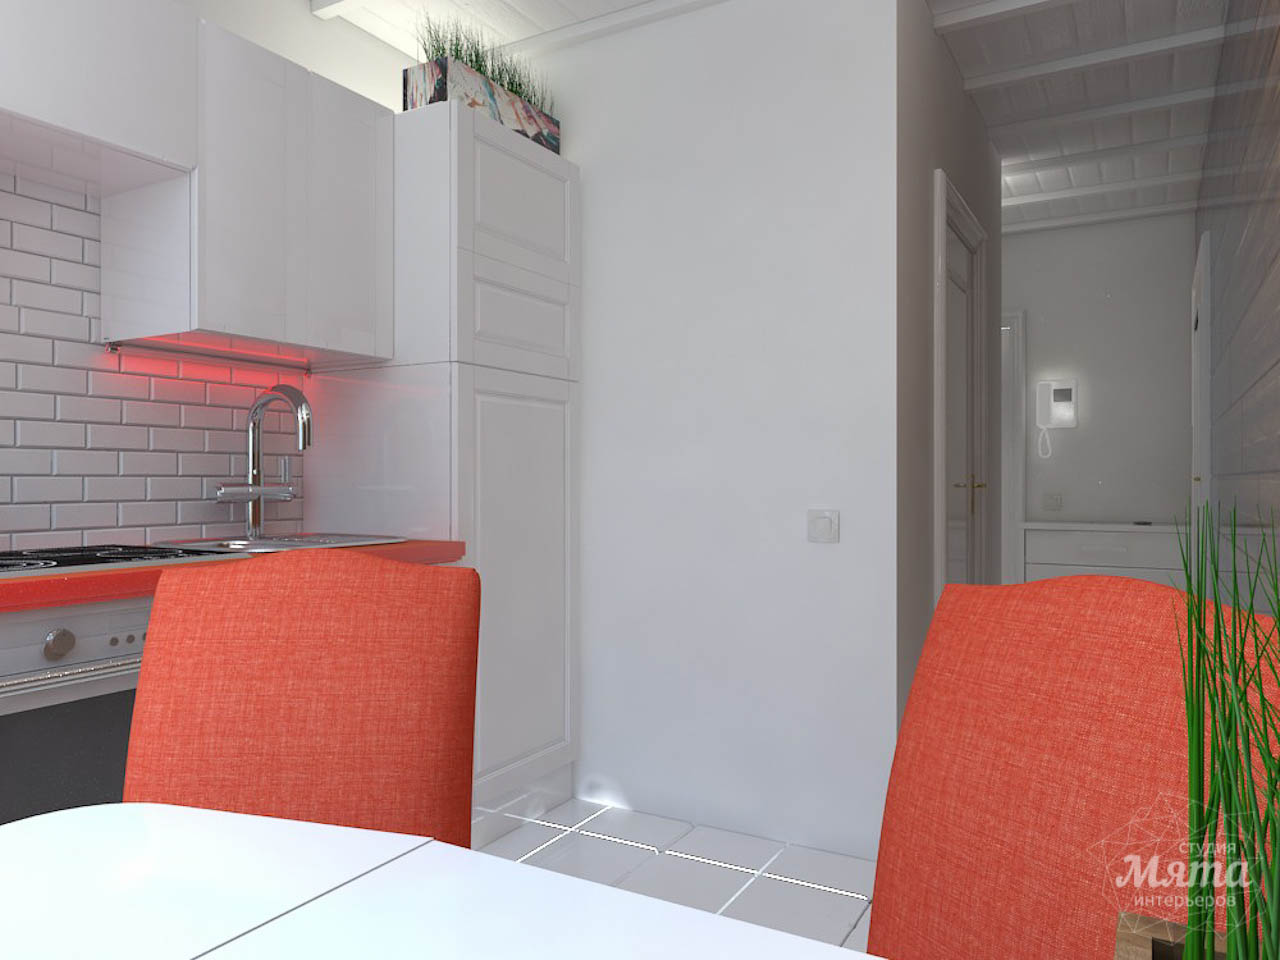 Дизайн интерьера однокомнатной квартиры в стиле минимализм по ул. Чапаева 30 img1081071671